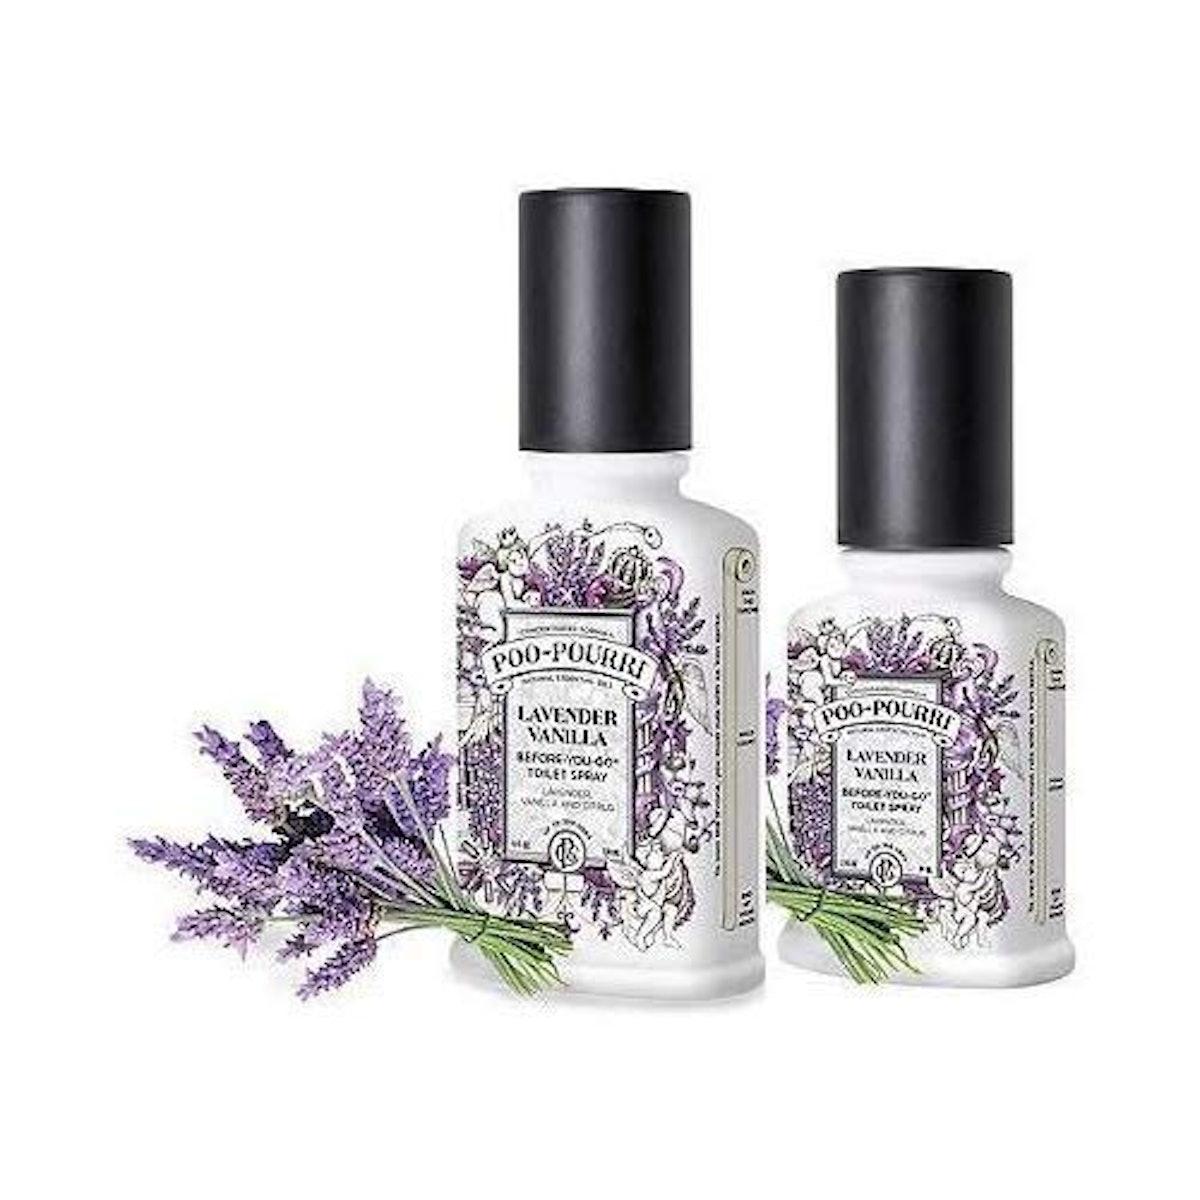 Poo-Pourri Lavender Vanilla (2-Pack)